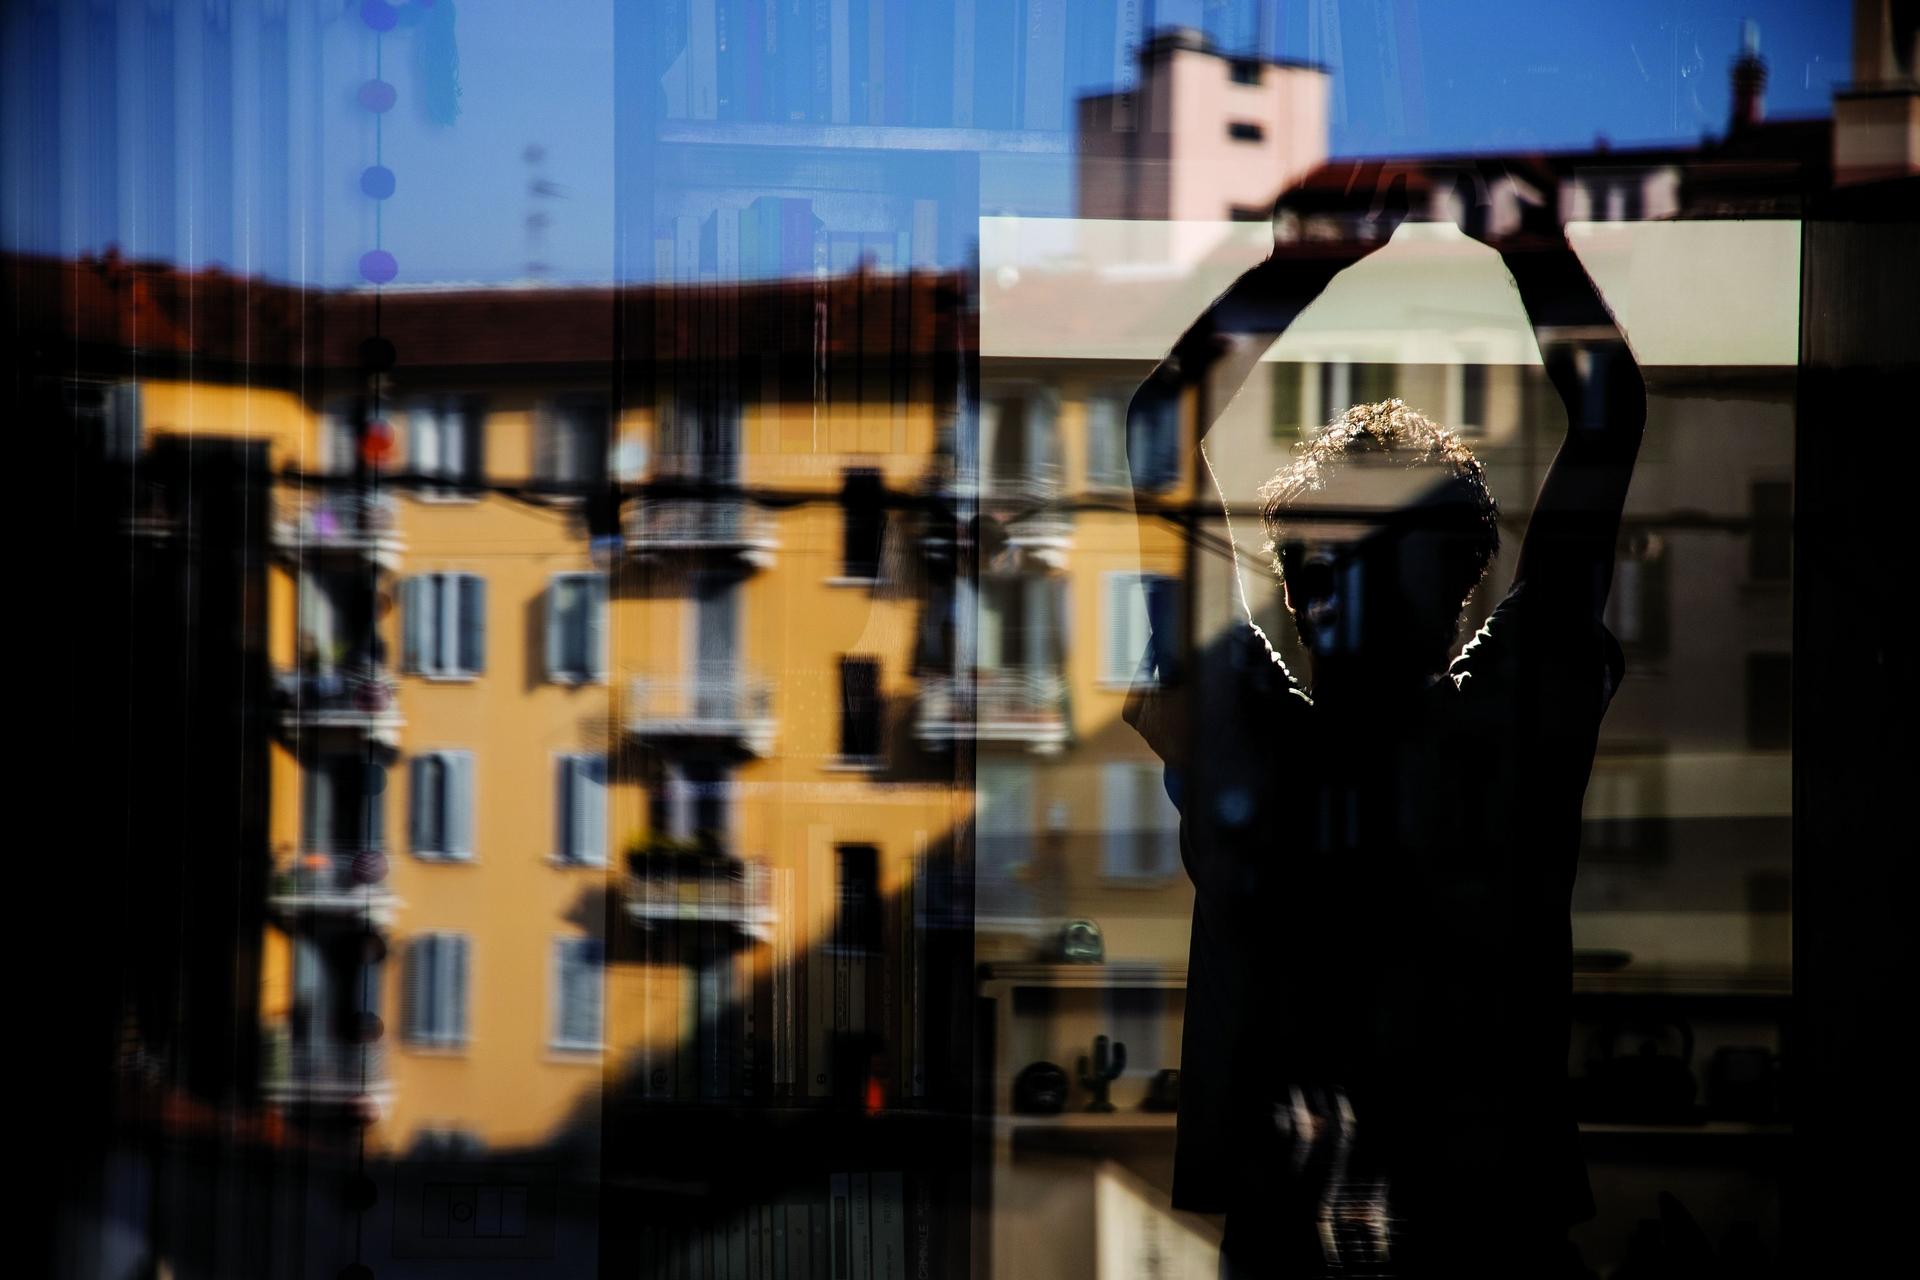 義大利,米蘭 義大利是COVID-19的早期熱區,也是第一個下令幾近全面封鎖的歐洲國家。攝影師卡蜜拉.費拉里和她的伴侶待在公寓時,注意到室外建築物影像開始與室內景色融合在一起的樣子。PHOTO: CAMILLA FERRARI